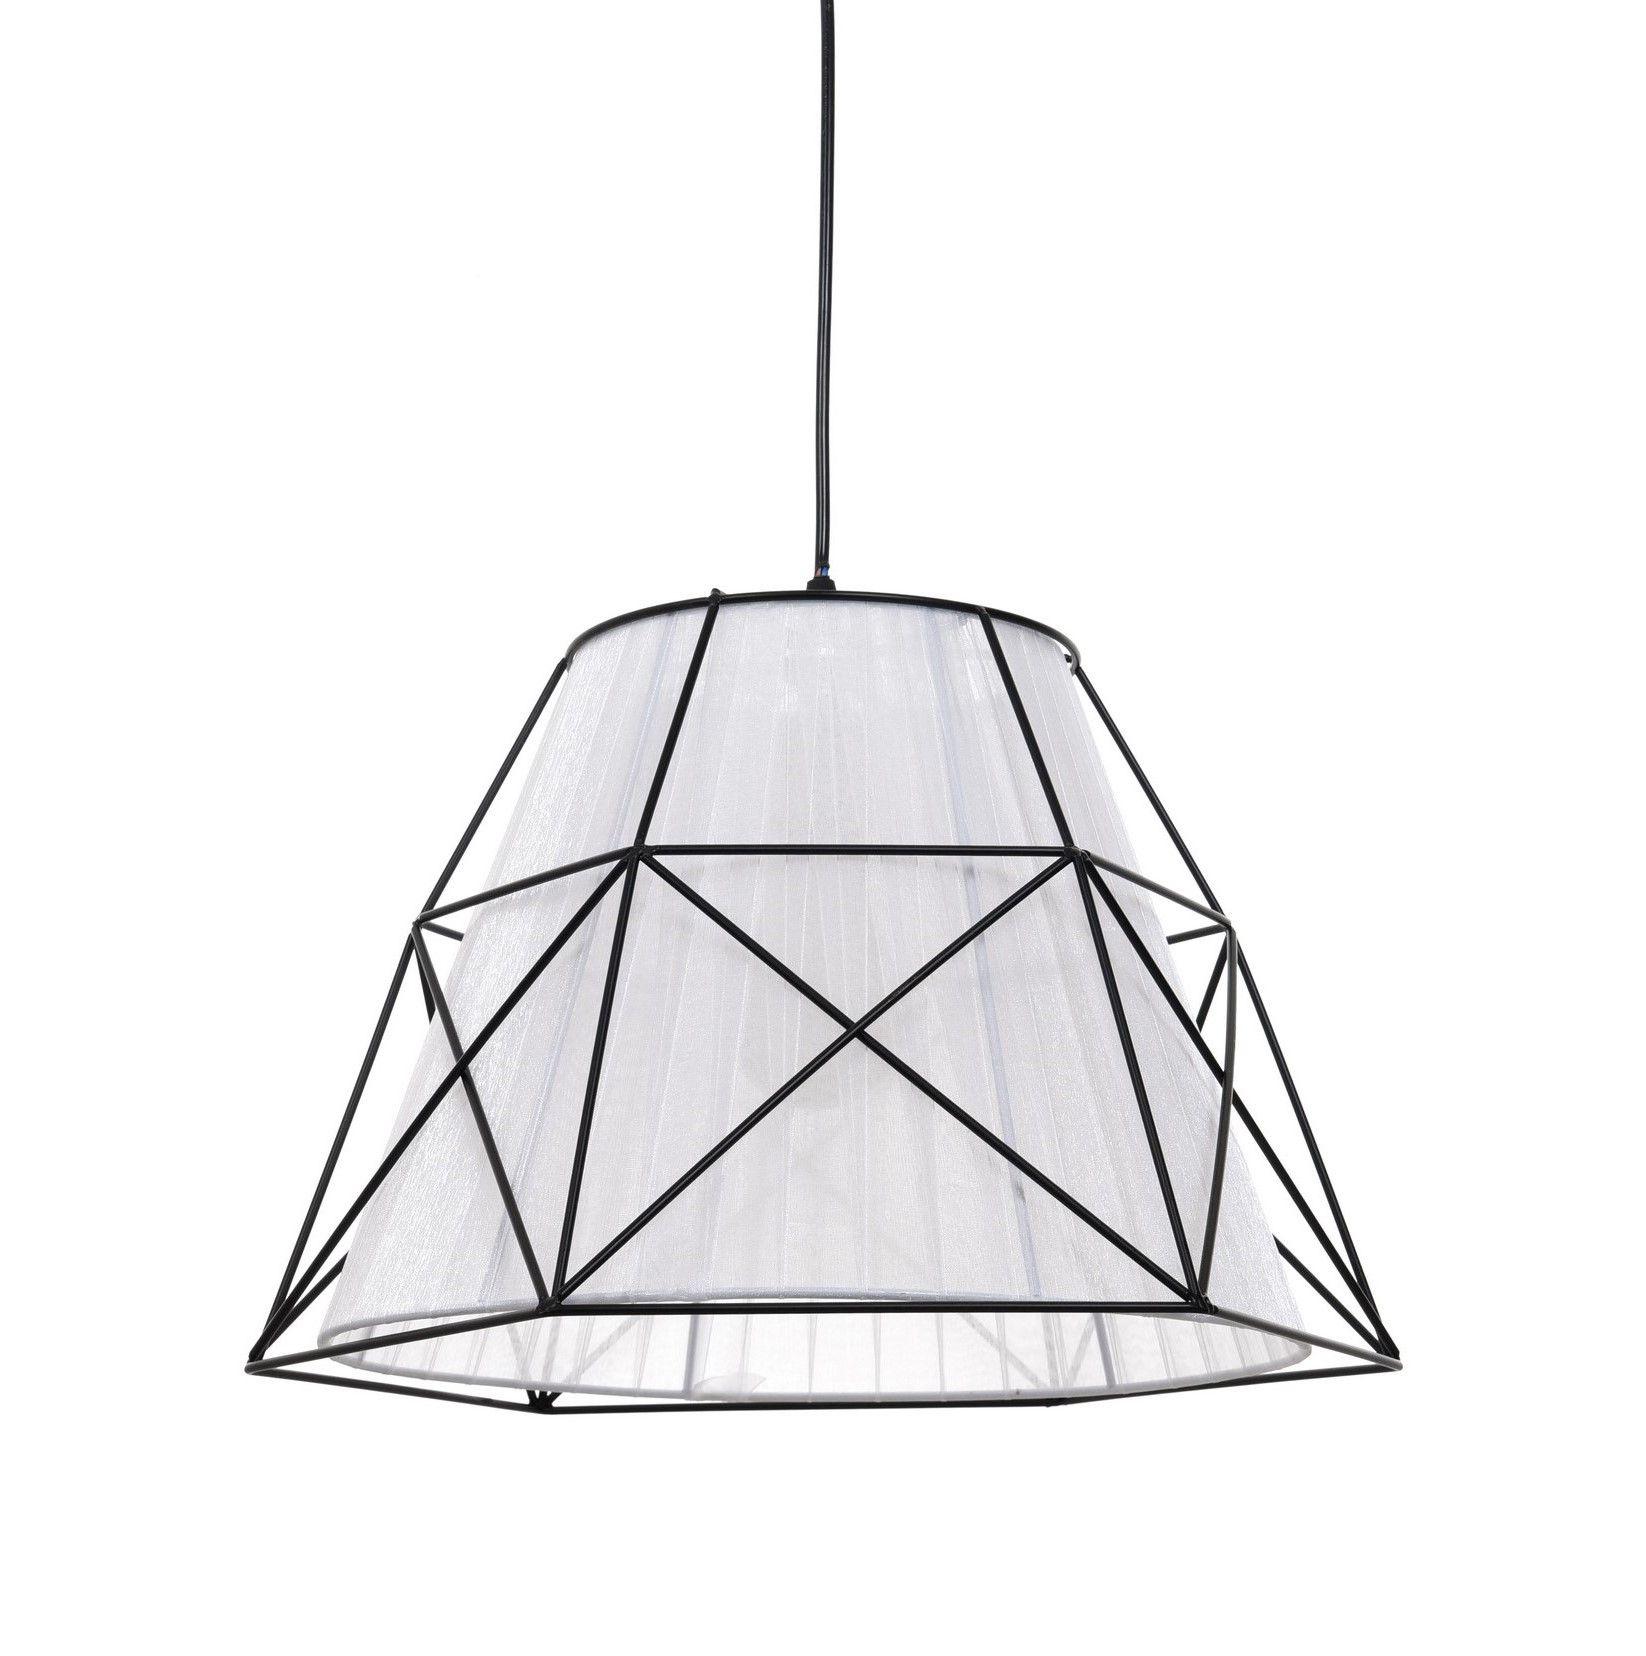 Подвесной светильник Lumina Deco Boneti LDP 8002 BK+WT, 1xE27x40W, черный, белый, черно-белый, металл, текстиль - фото 1